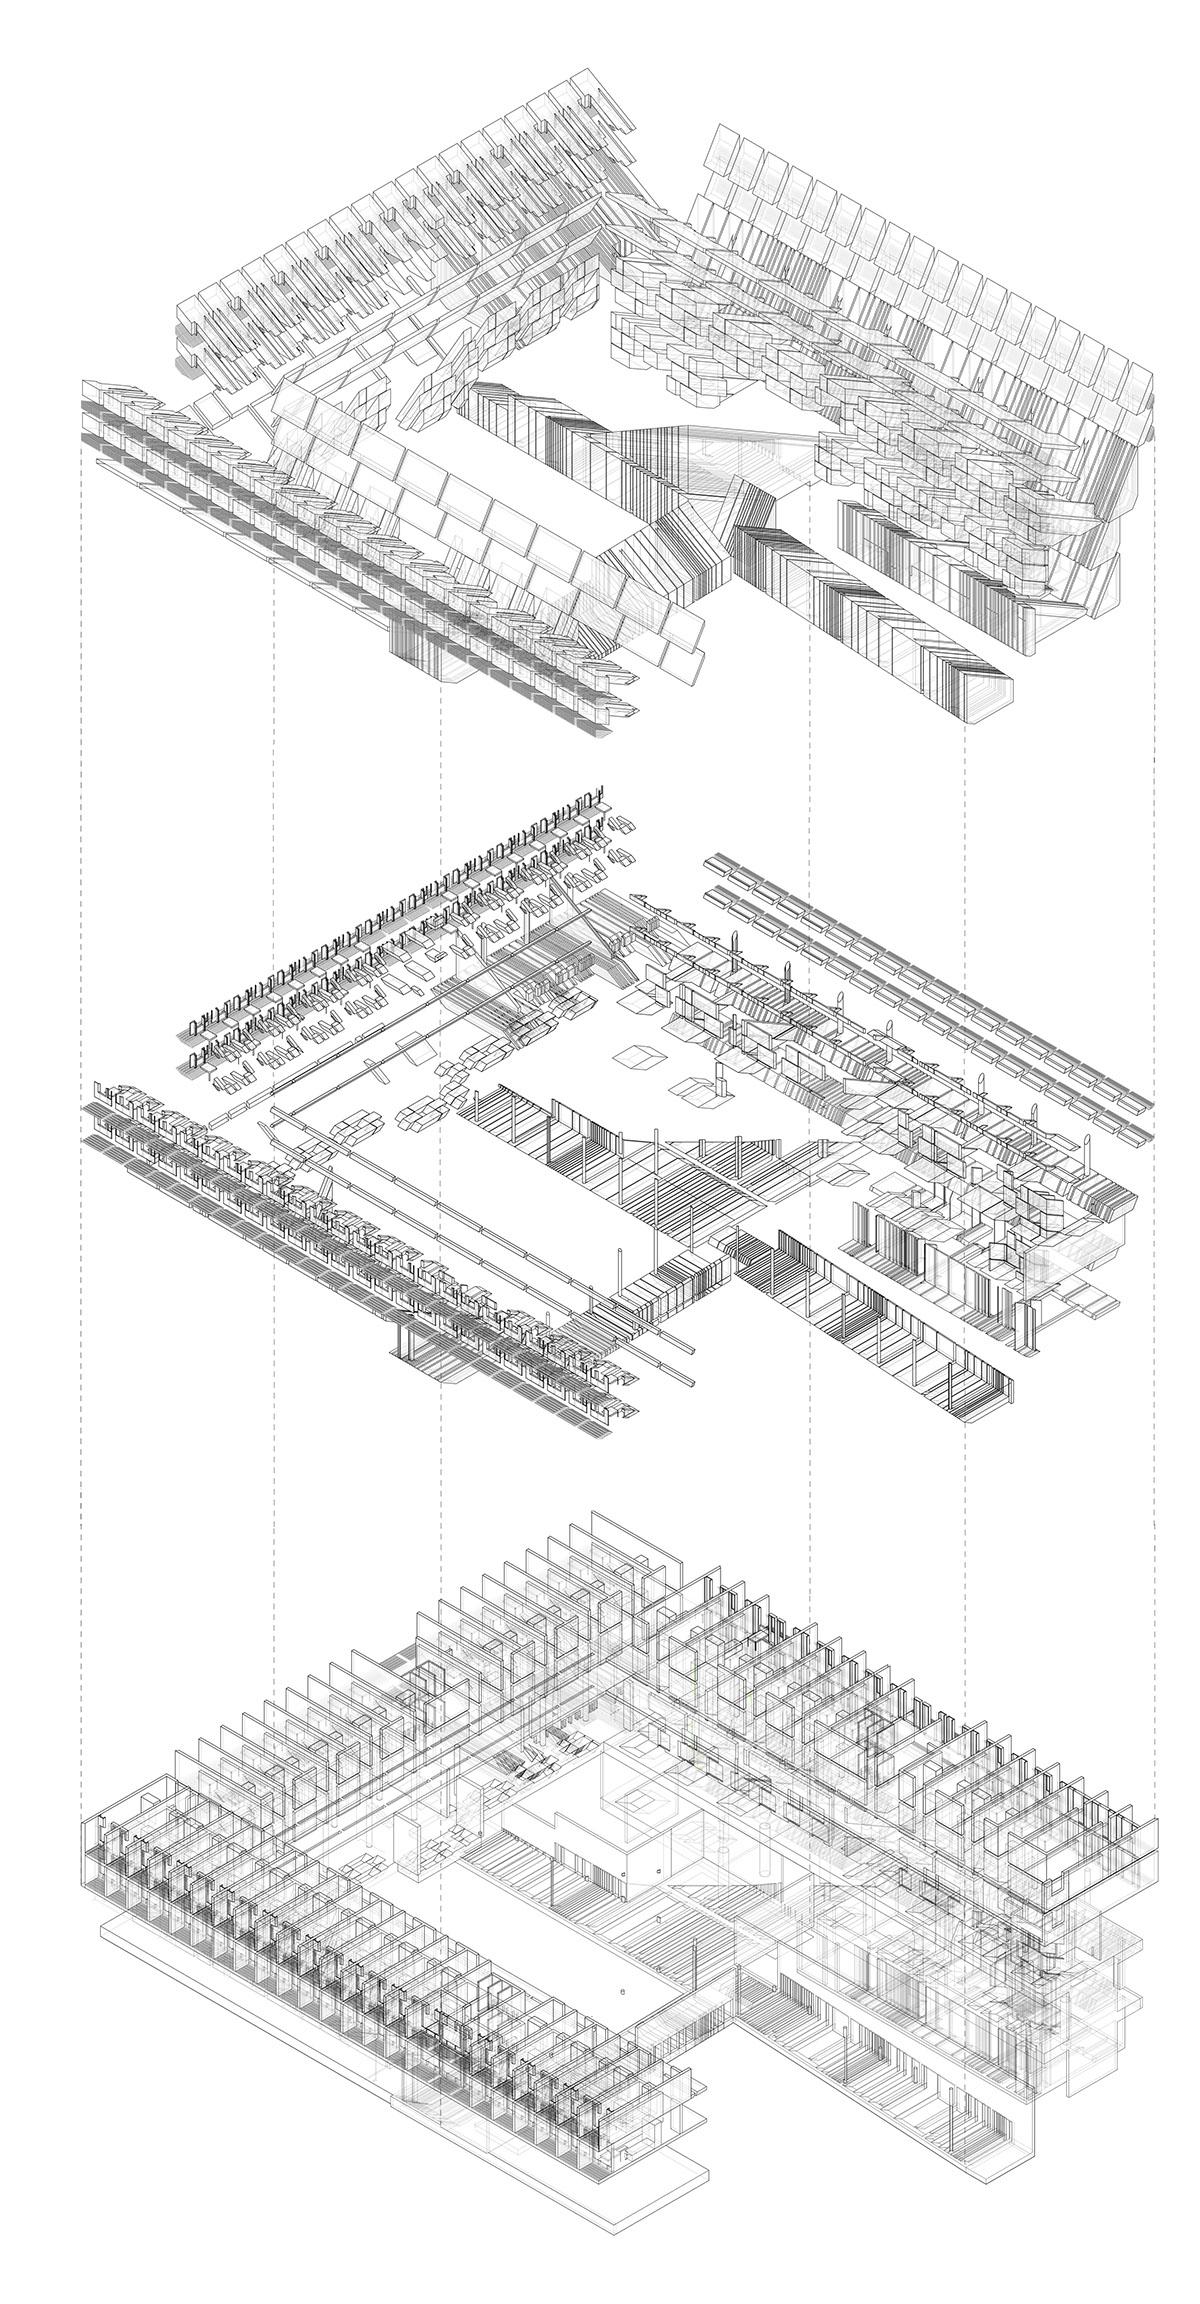 La Tourette Architectural Projections On Risd Portfolios